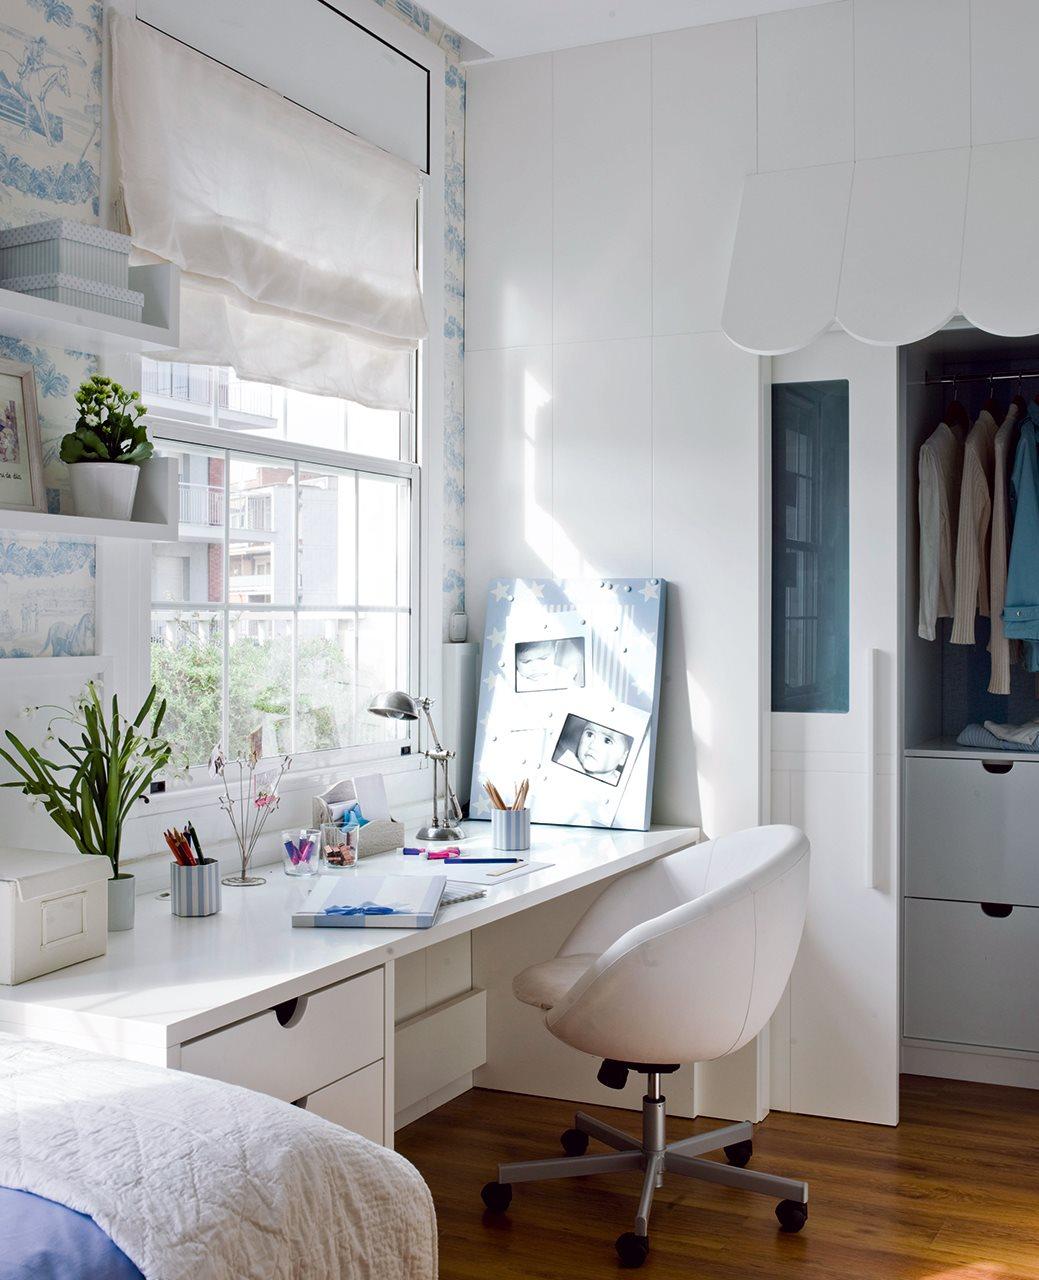 Tienes un rinc n haz un estudio - Ambientes de dormitorios ...